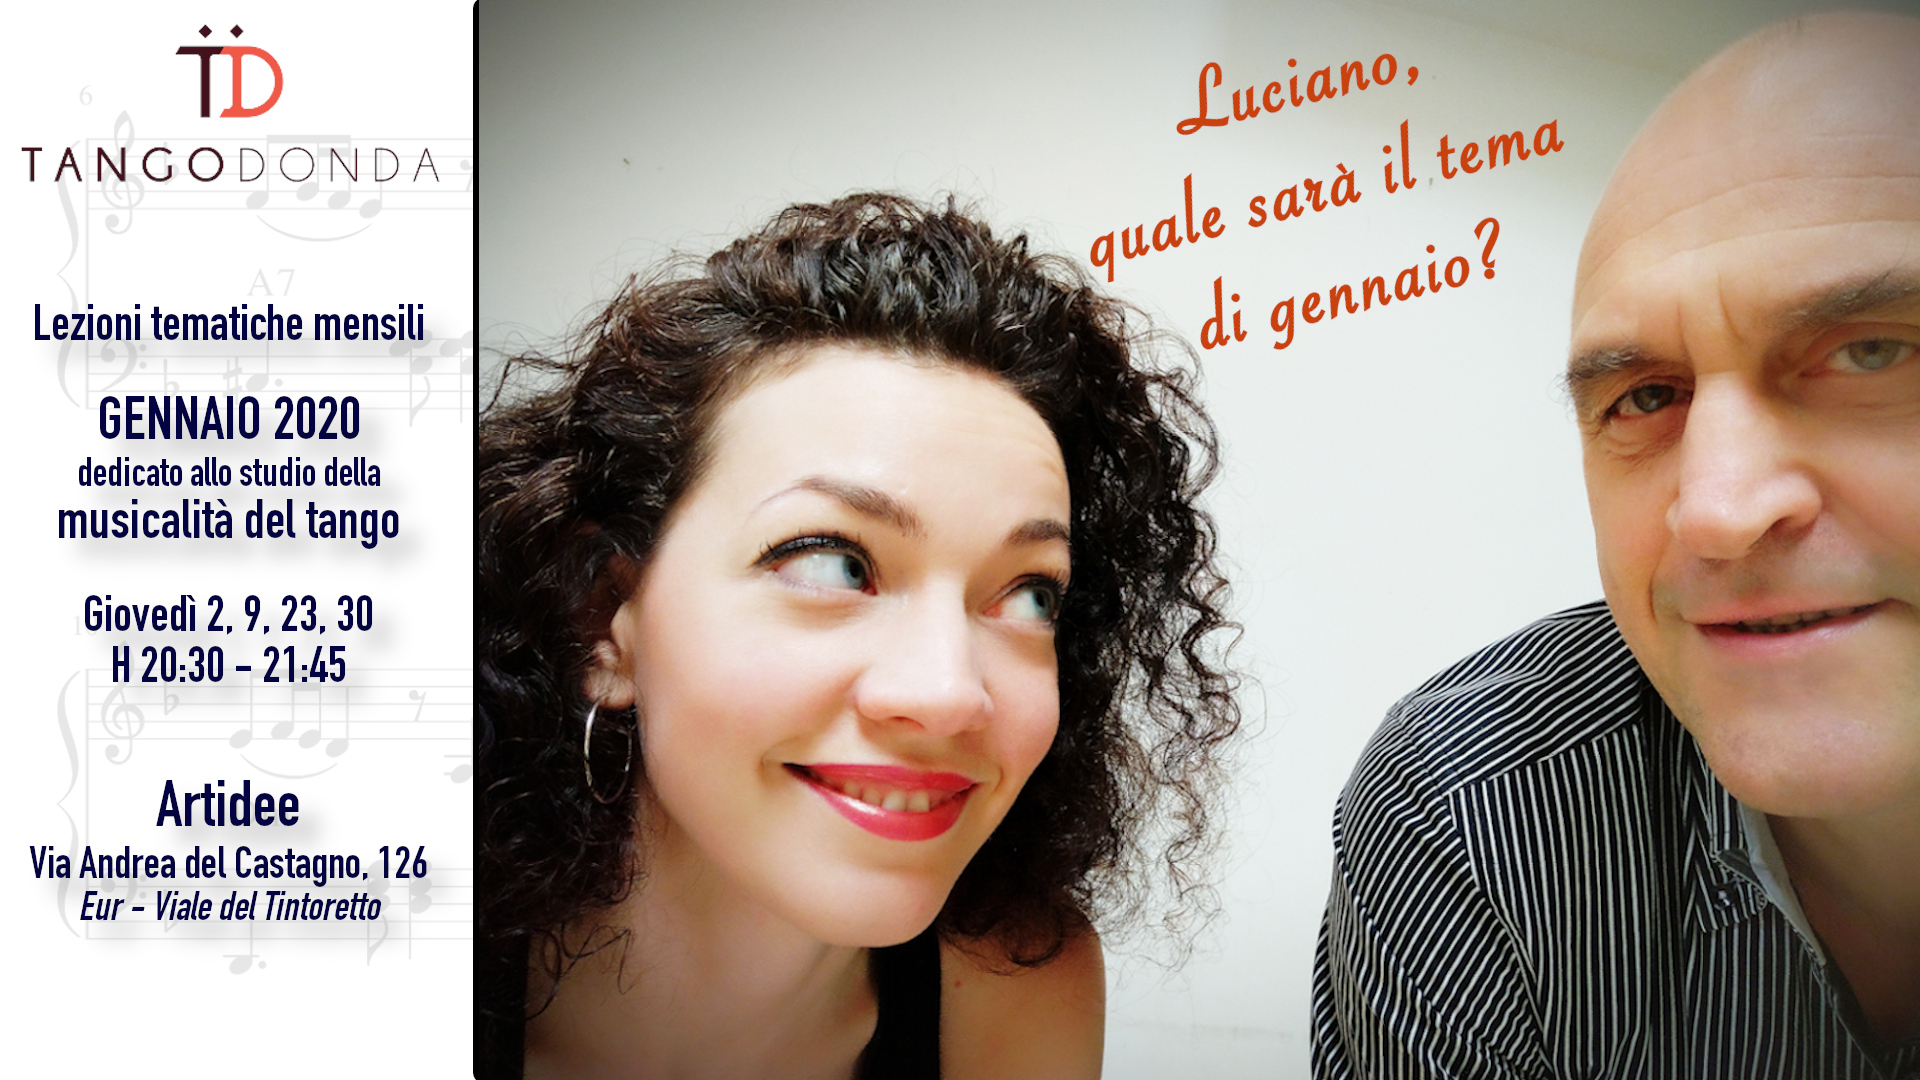 Lezioni di musicalità del tango a gennaio 2020